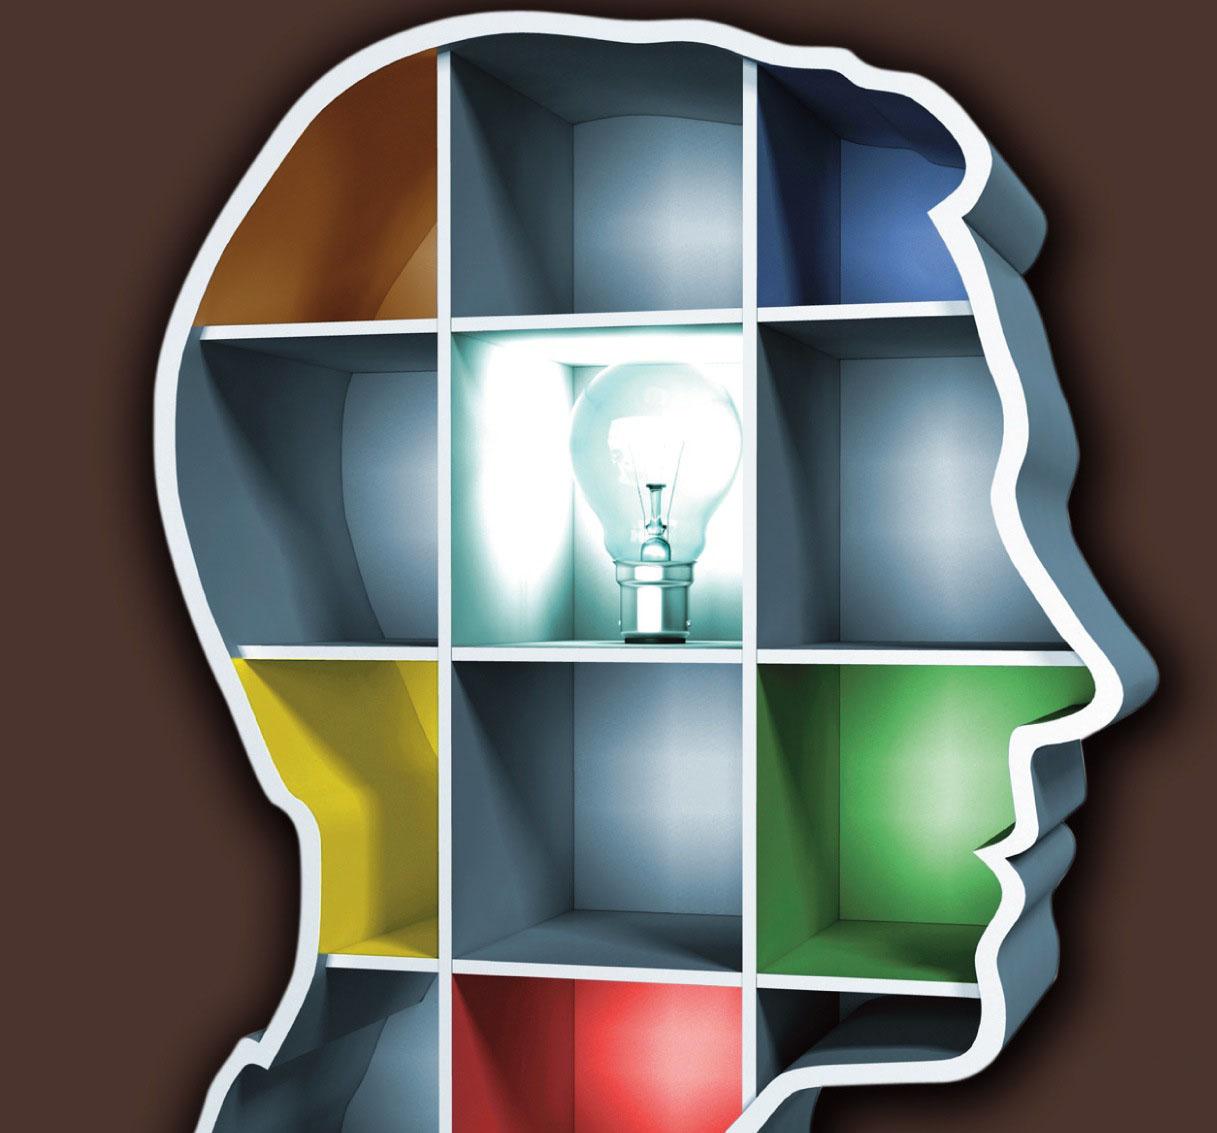 image property of brainathlete.com